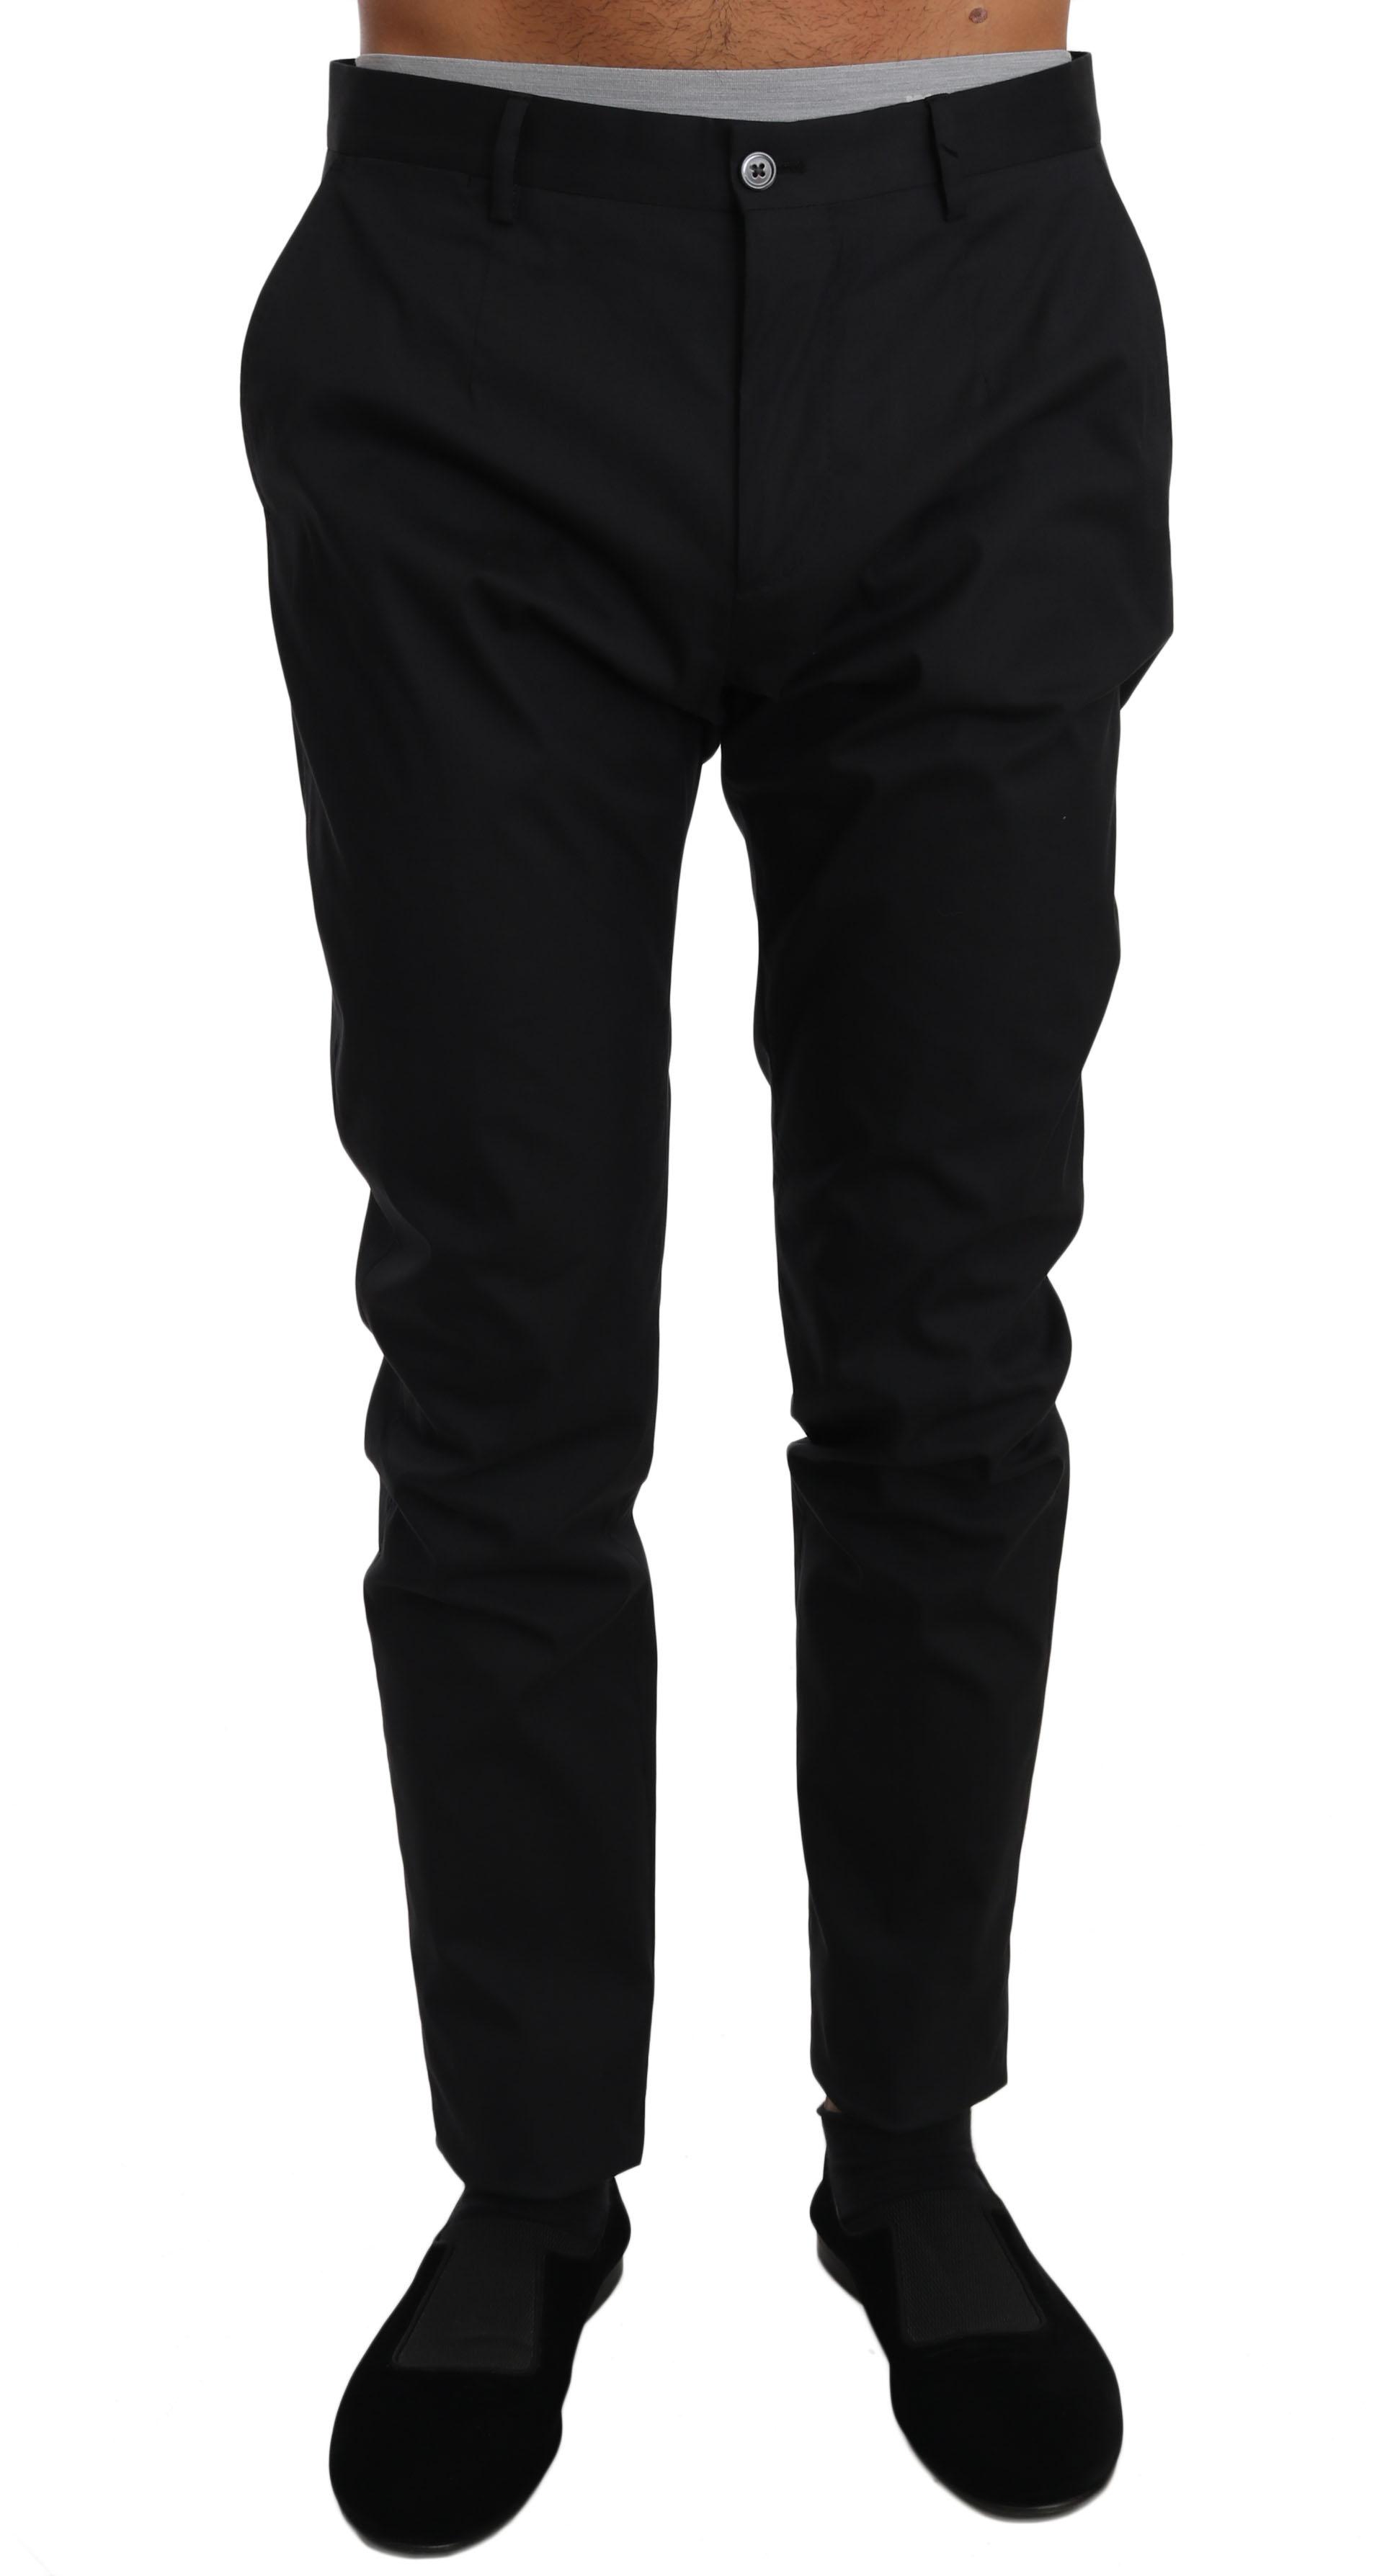 Dolce & Gabbana Men's Cotton Stretch Formal Trouser Black PAN61127 - IT54   XXL